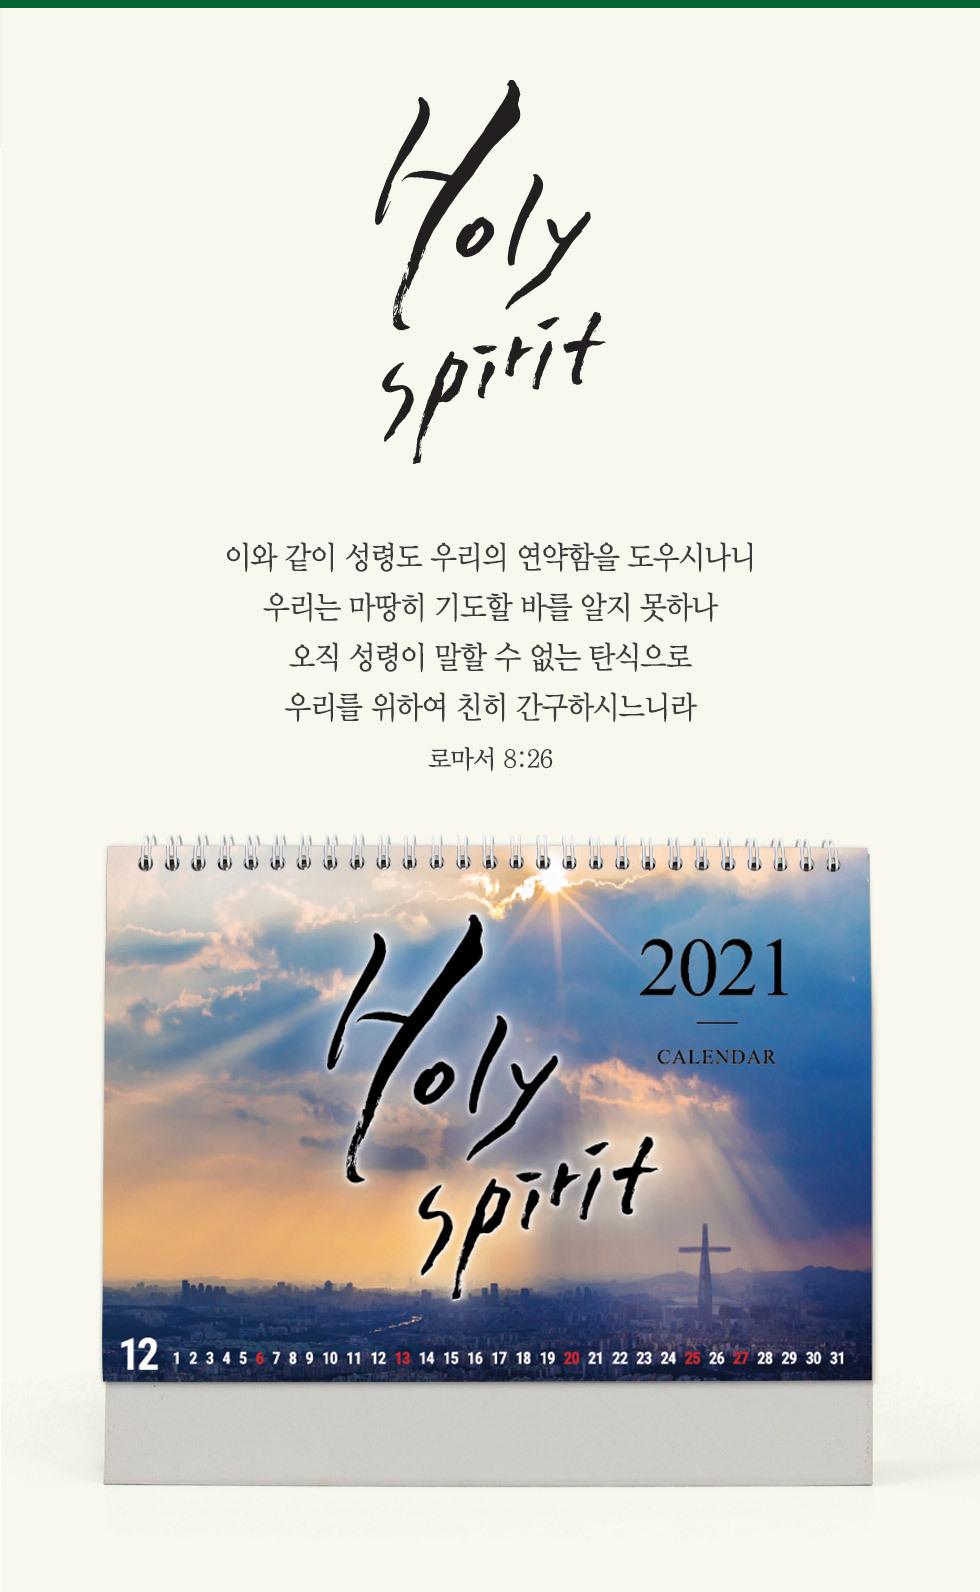 2021년 탁상달력 성령 Holy Spirit -  성령 Holy Spirit, 시편 115:13 높은 사람이나 낮은 사람을 막론하고 여호와를 경외하는 자들에게 복을 주시리로다.